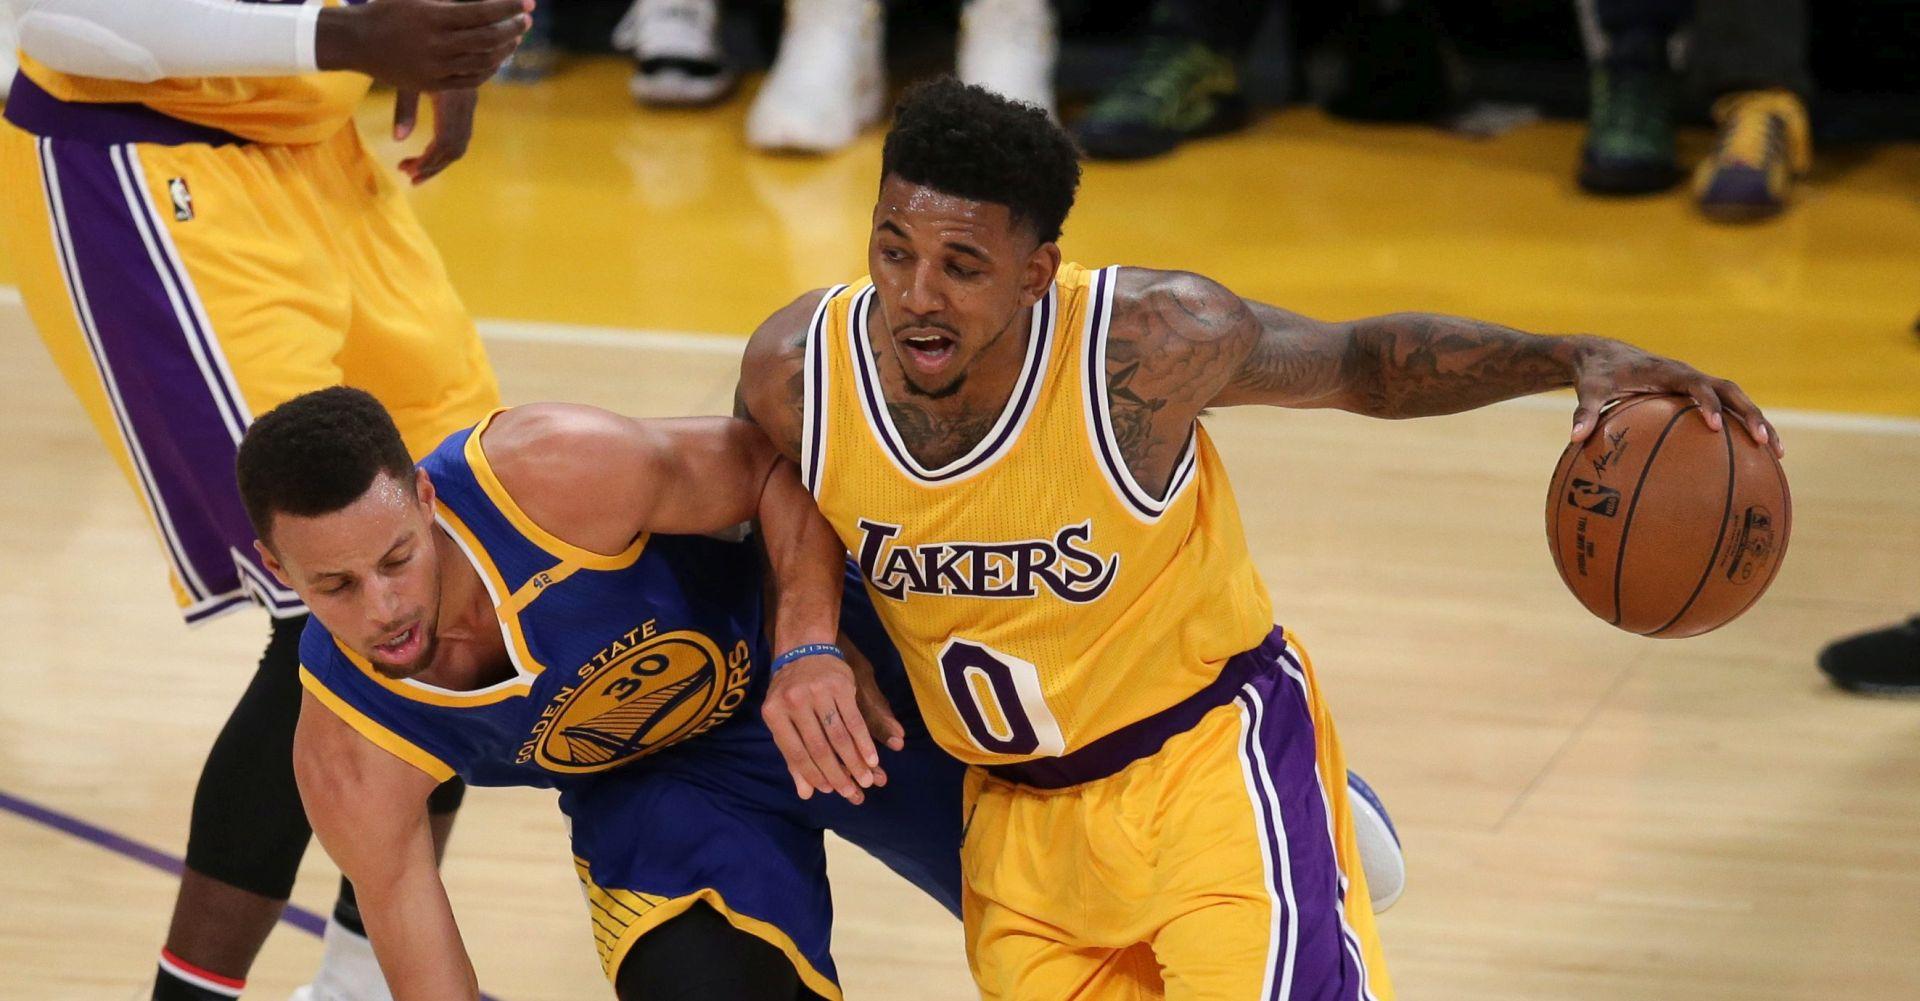 NBA Lakersi svladali Warriorse, Curry prekinuo niz, Bogdanović ubacio 14 koševa